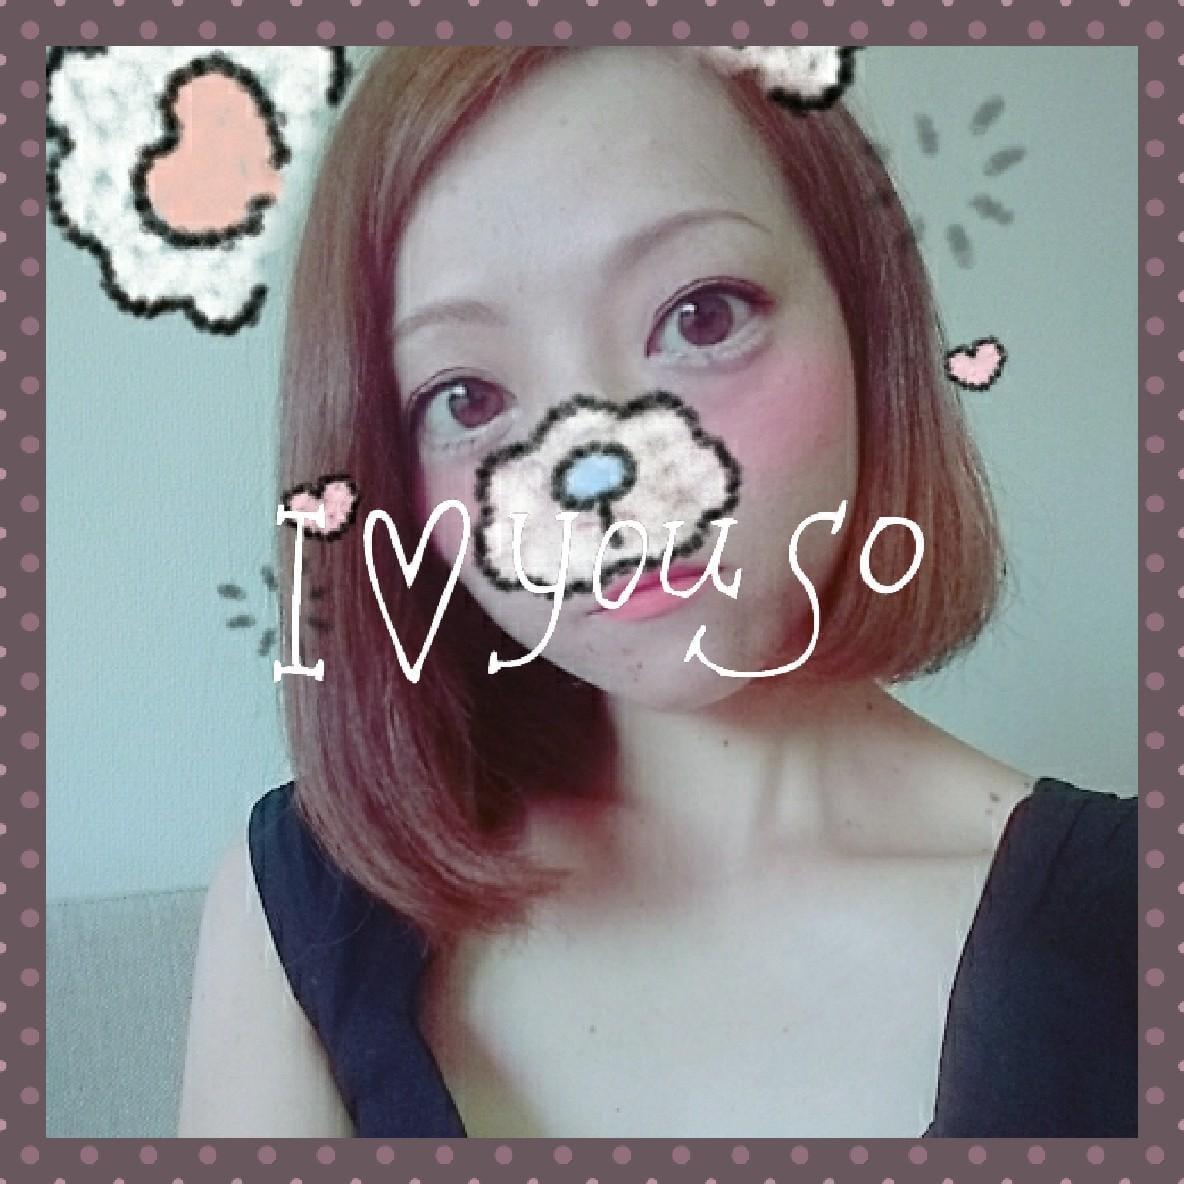 「お礼です☆」08/11(08/11) 01:58 | しいなの写メ・風俗動画